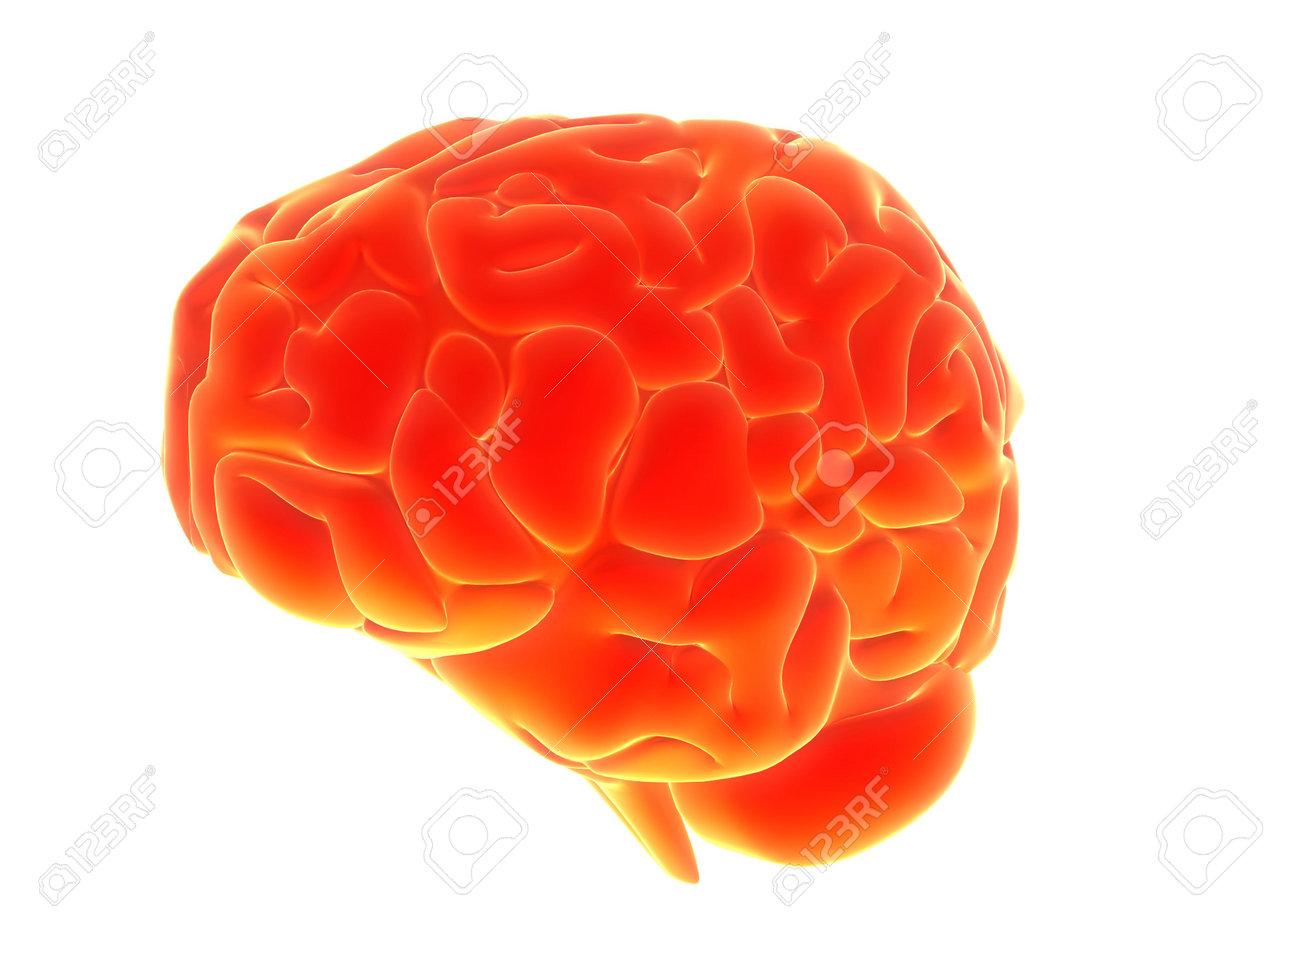 Cerebro humano  Foto de archivo - 511551